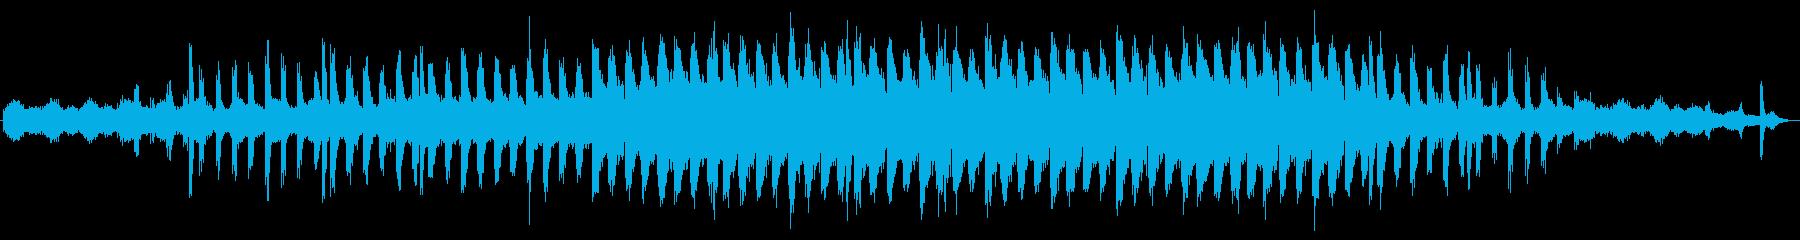 緊張感あるビートアクセントの効くテクノの再生済みの波形